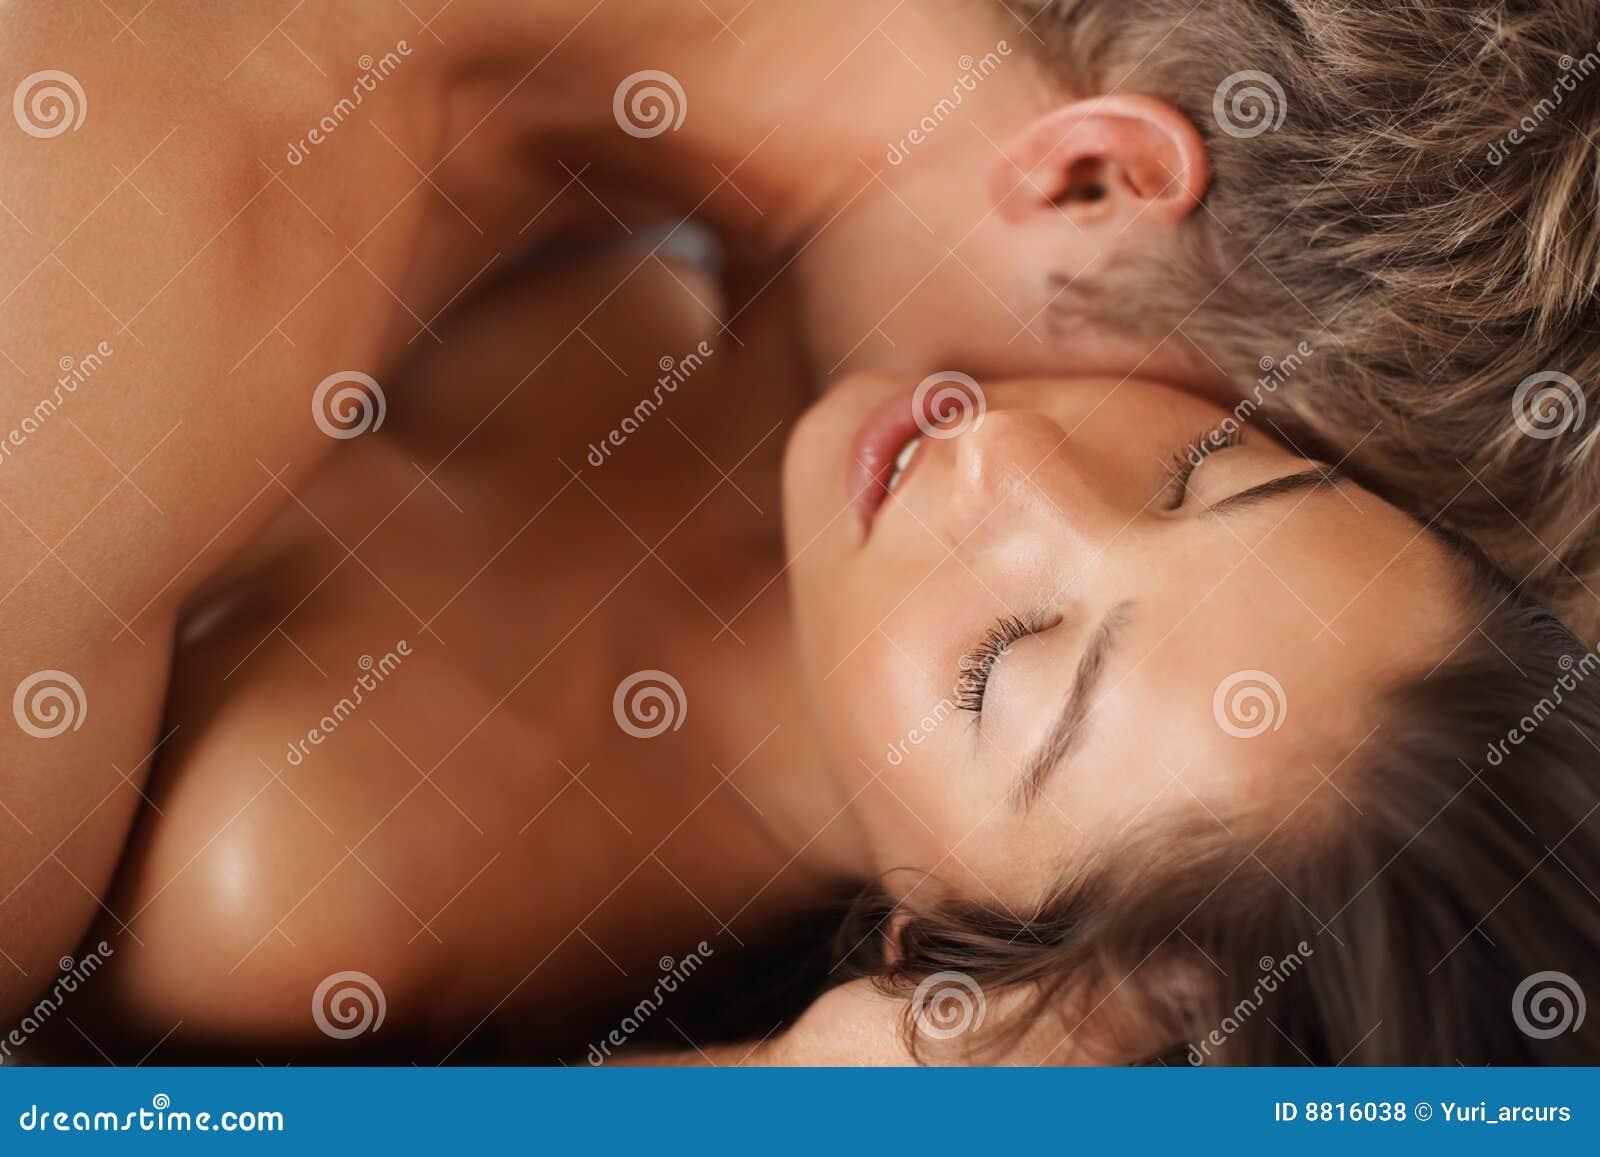 Хит женский оргазм 23 фотография